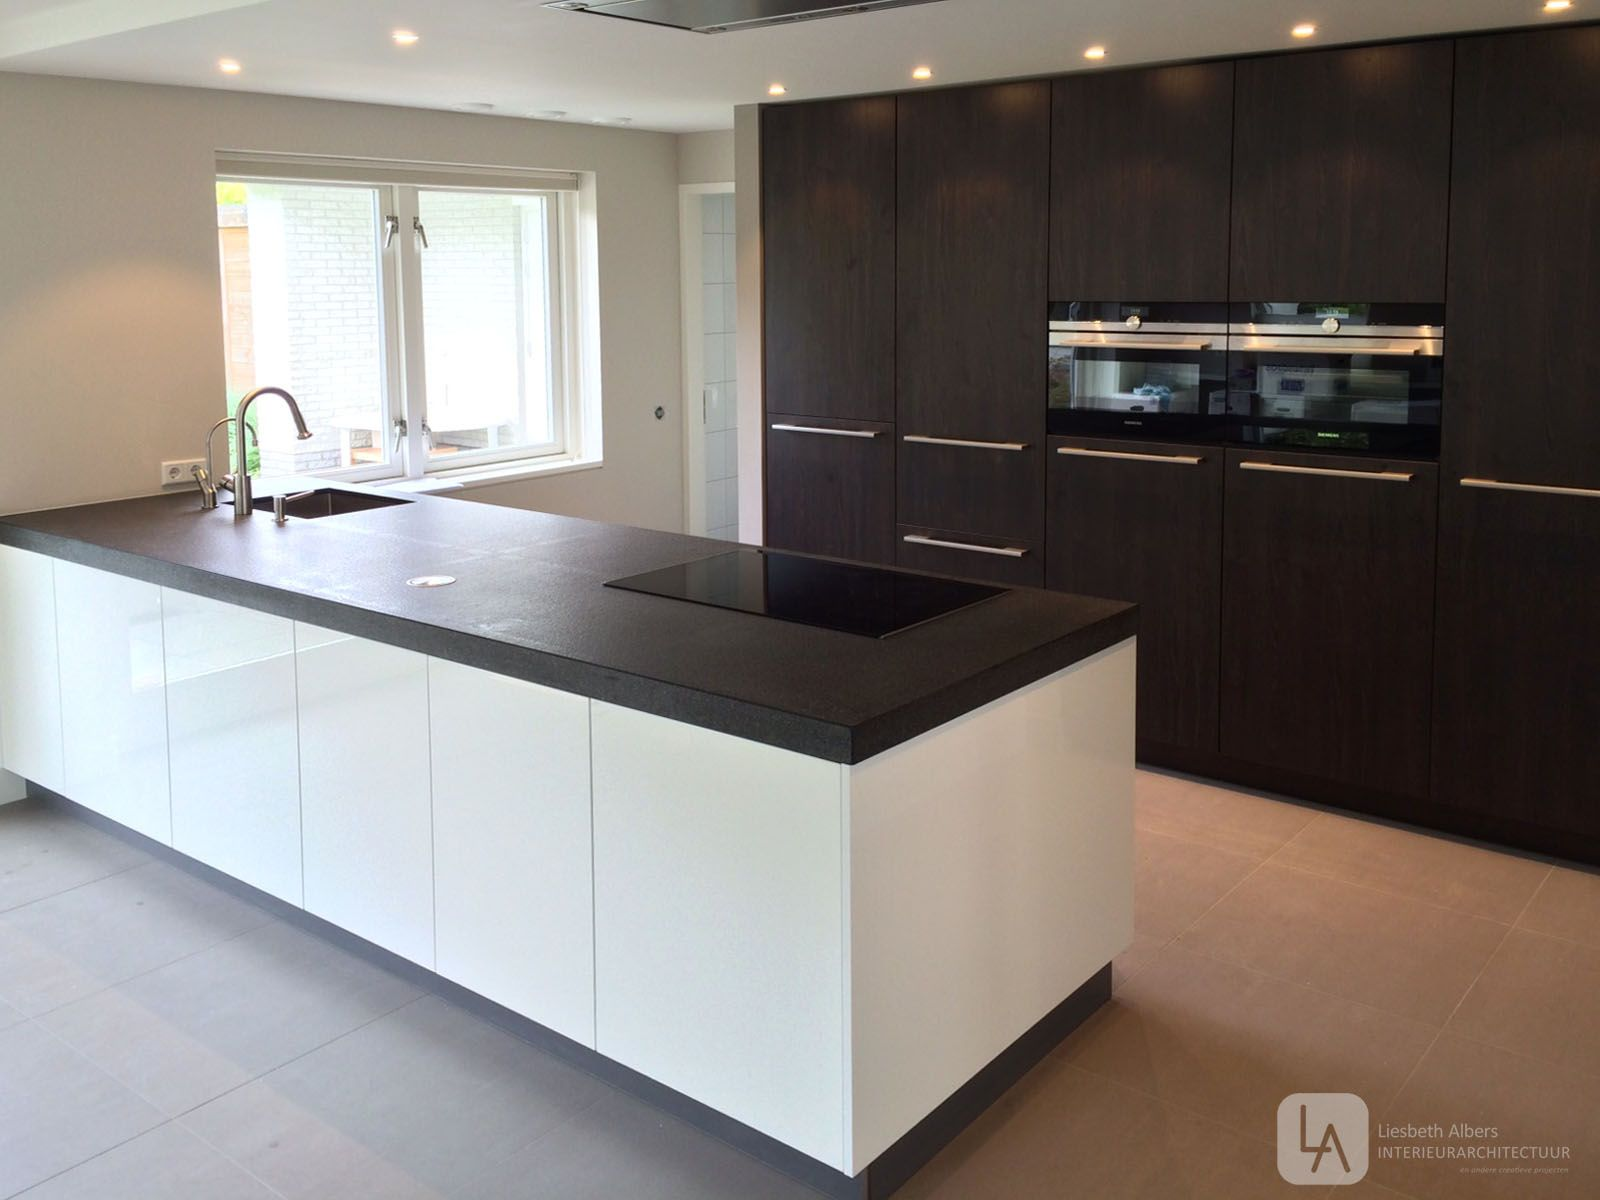 Keuken Door Liesbeth Albers Interieurarchitectuur Keuken Ontwerp Keuken Idee Keuken Wrappen